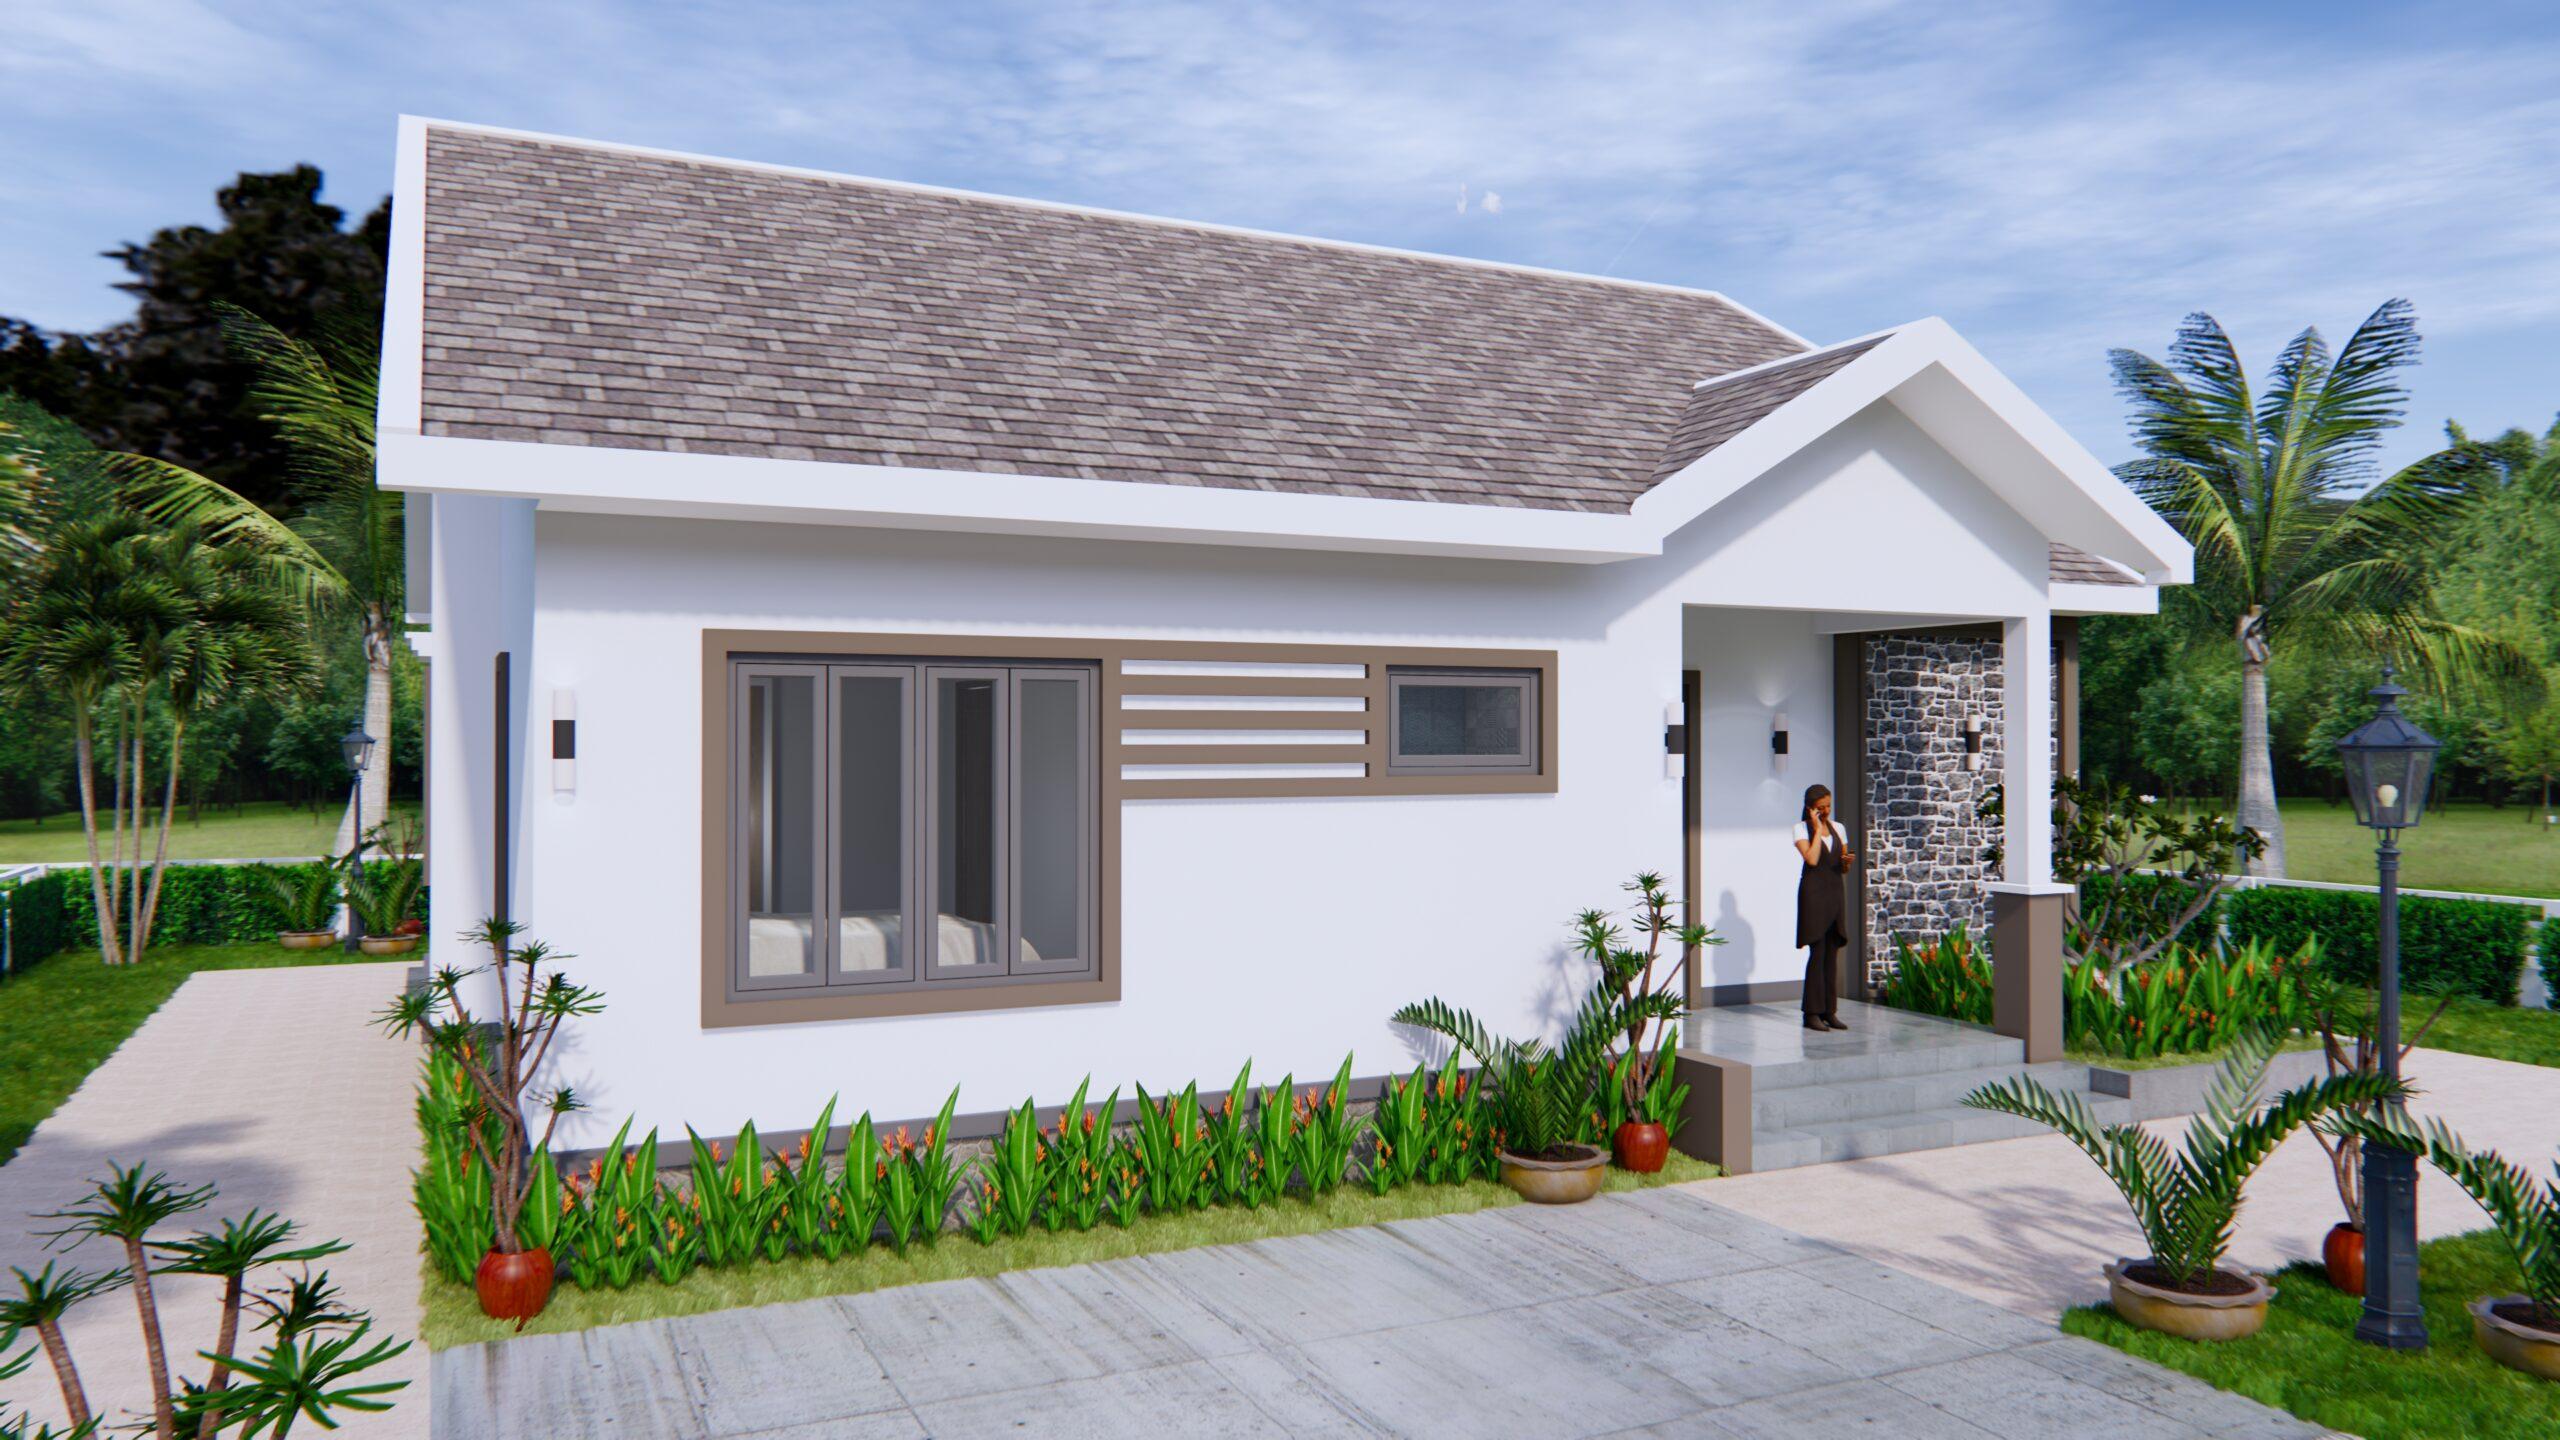 Modern House Drawing 12x9 Meter 40x30 Feet 2 Beds 3